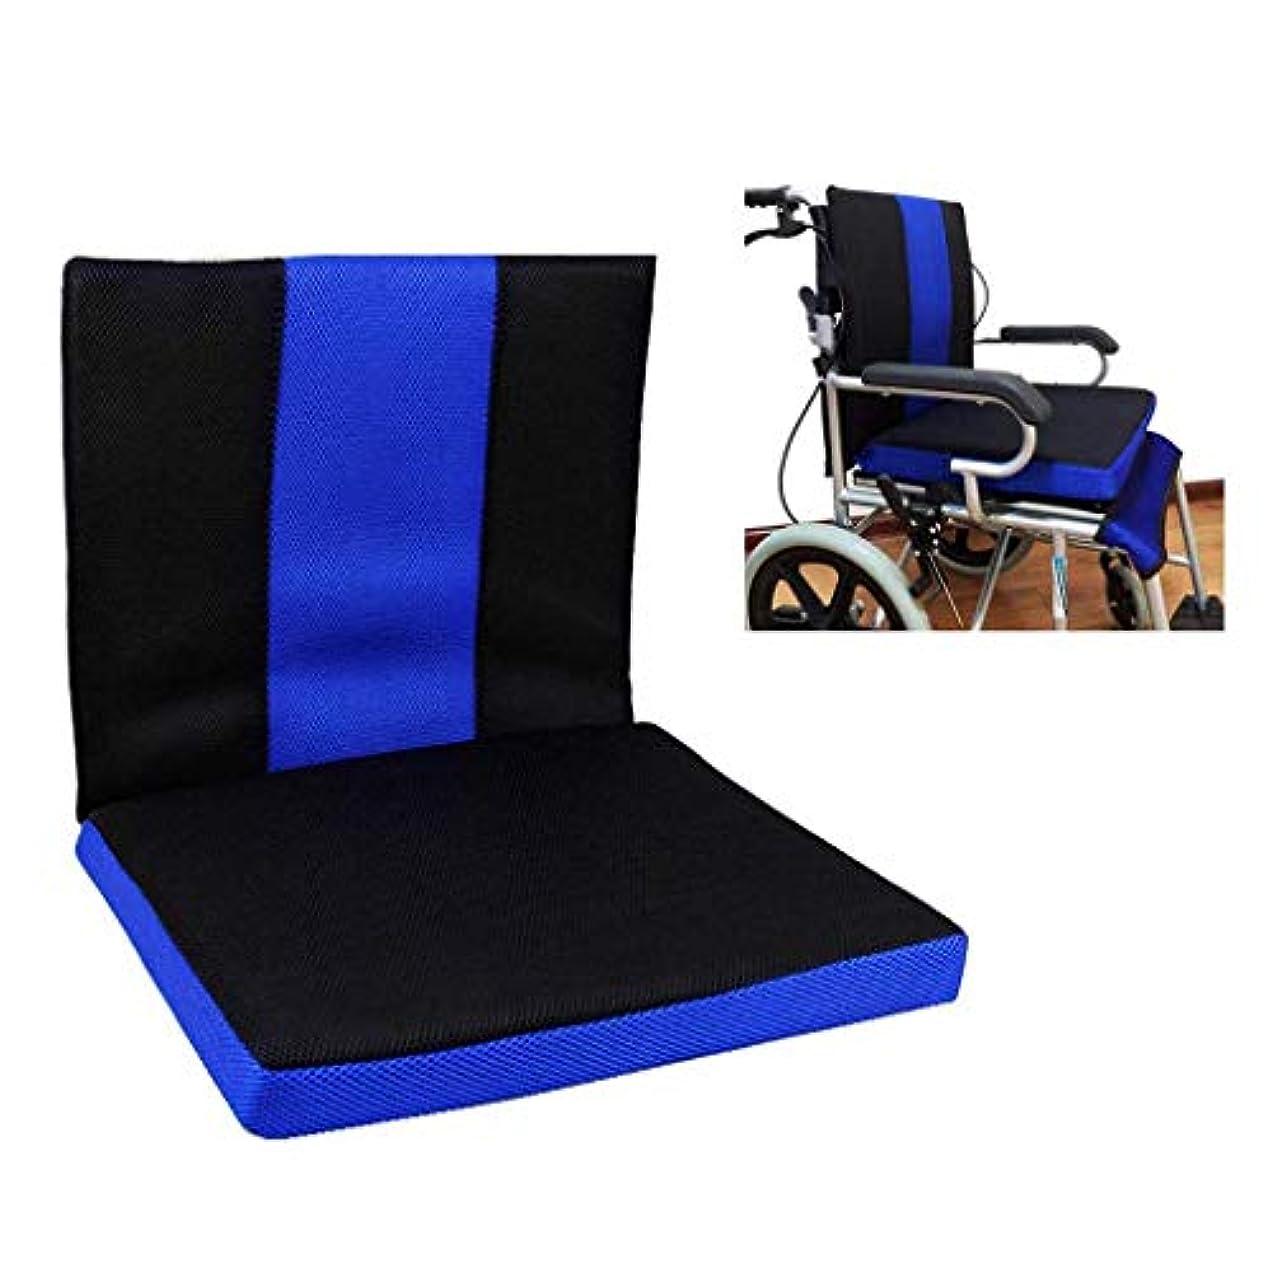 散る記憶ぬれた車椅子のクッション、アンチ褥瘡ハニカムクッション通気性の快適車椅子戻るオックスフォード布素材のクッション